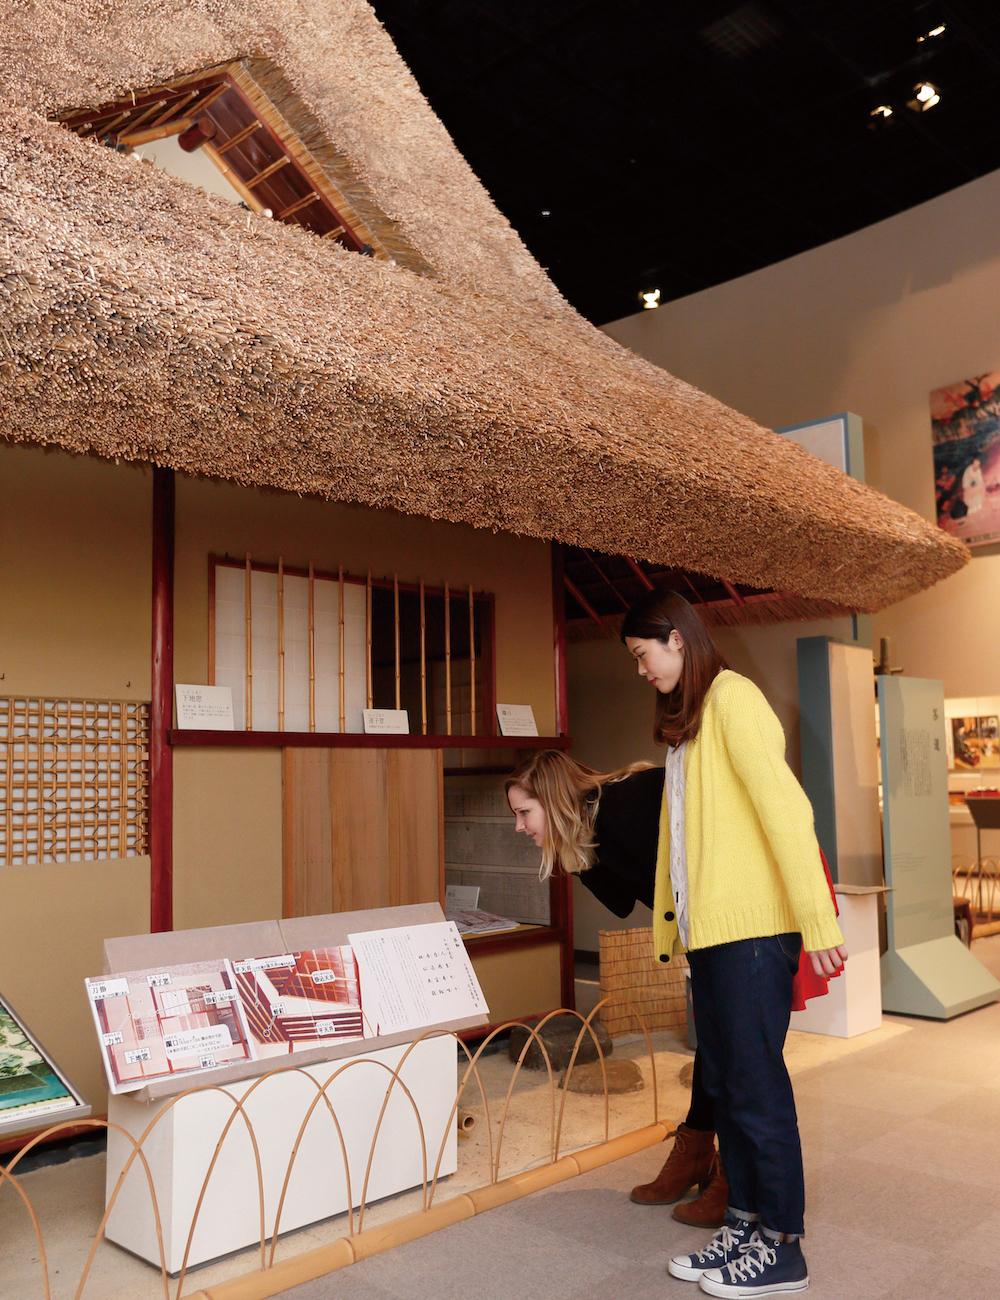 看板上详细介绍茶室的每个地方,都与茶文化紧紧相关。